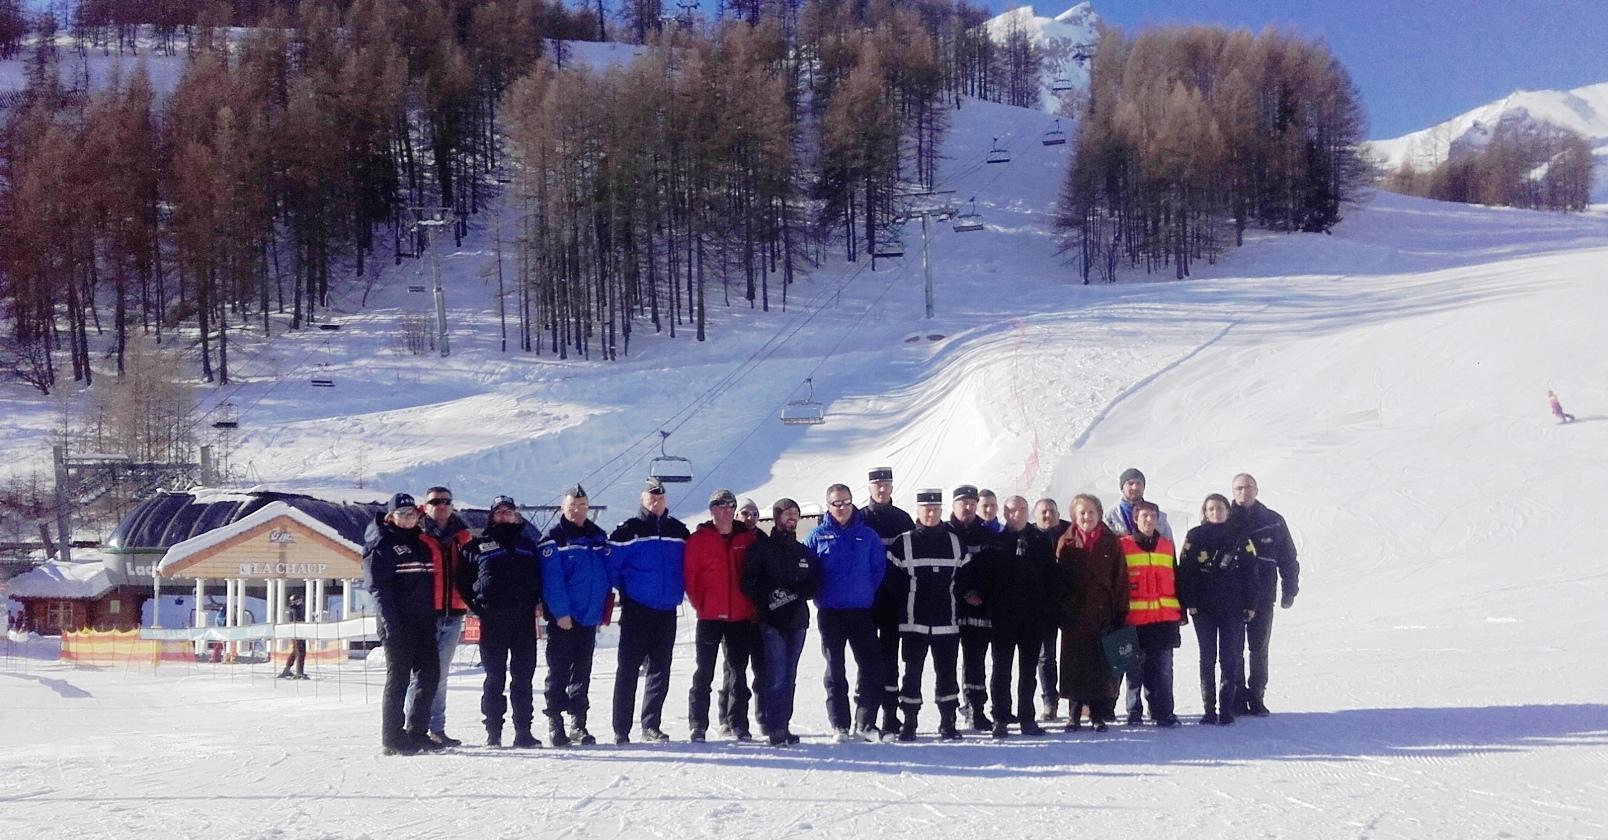 Campagne de prévention des risques en montagne - hiver 2017/2018